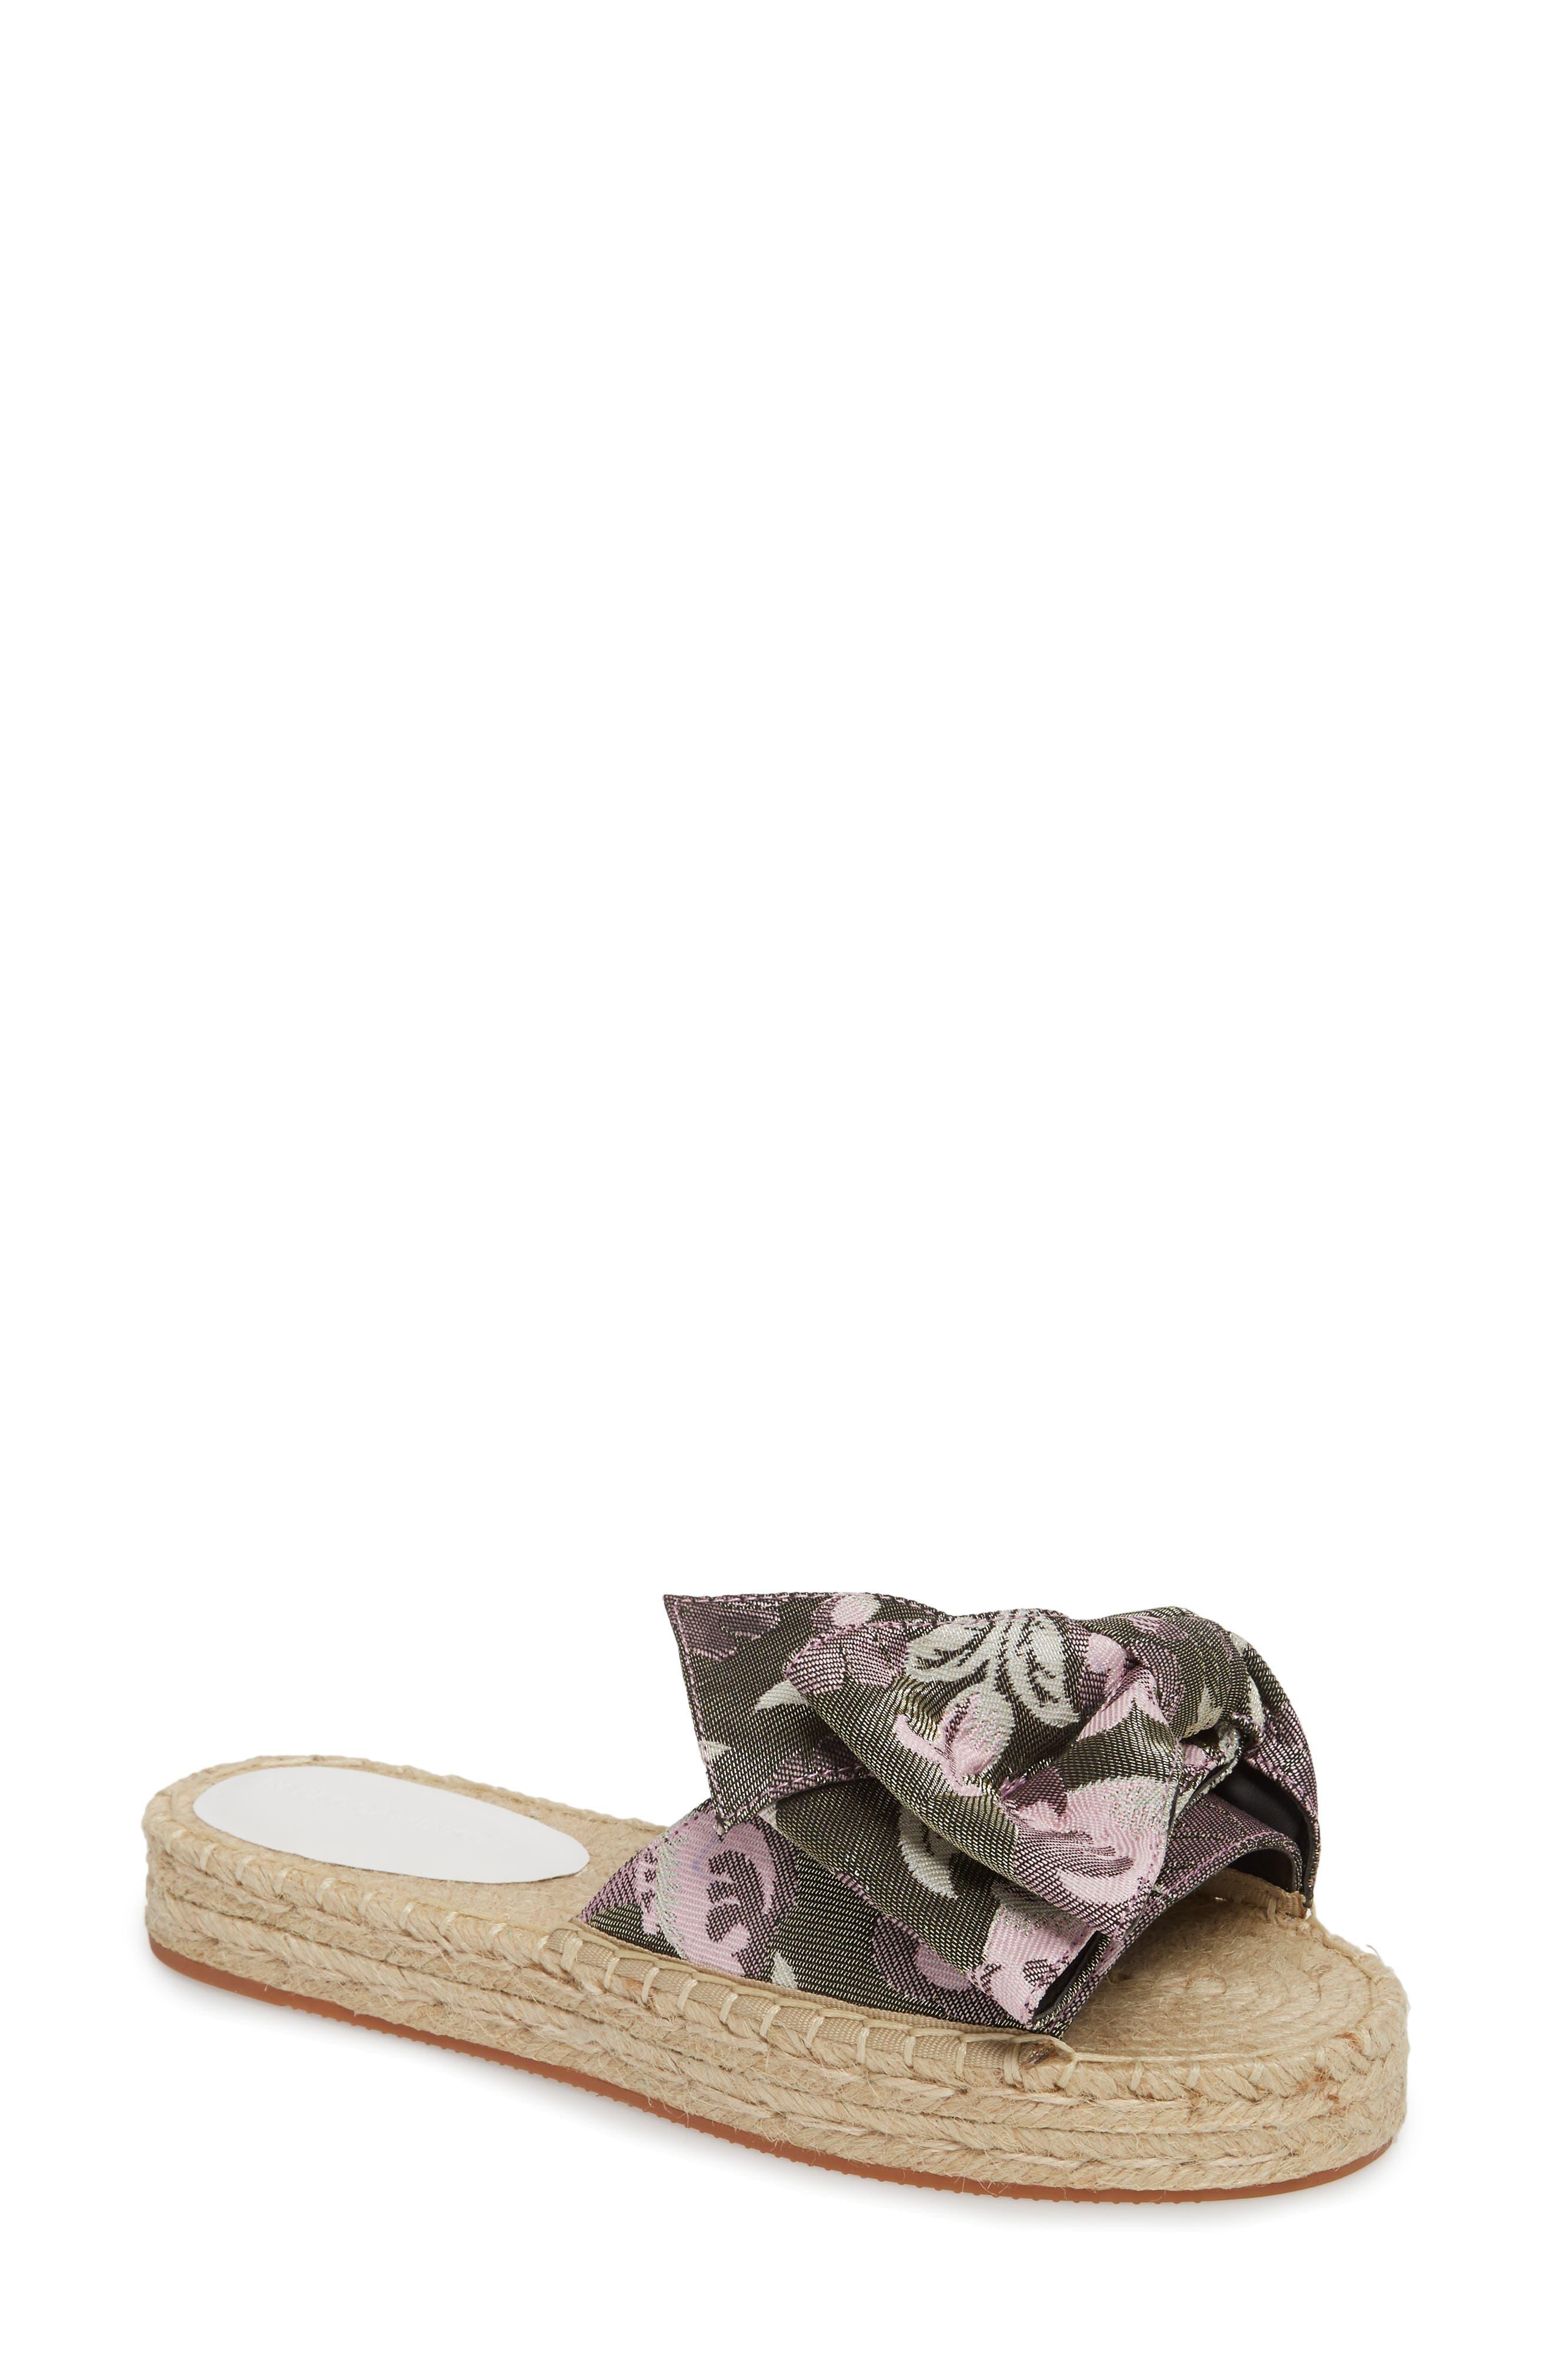 Giana Bow Slide Sandal,                             Main thumbnail 1, color,                             GREEN MULTI JACQUARD